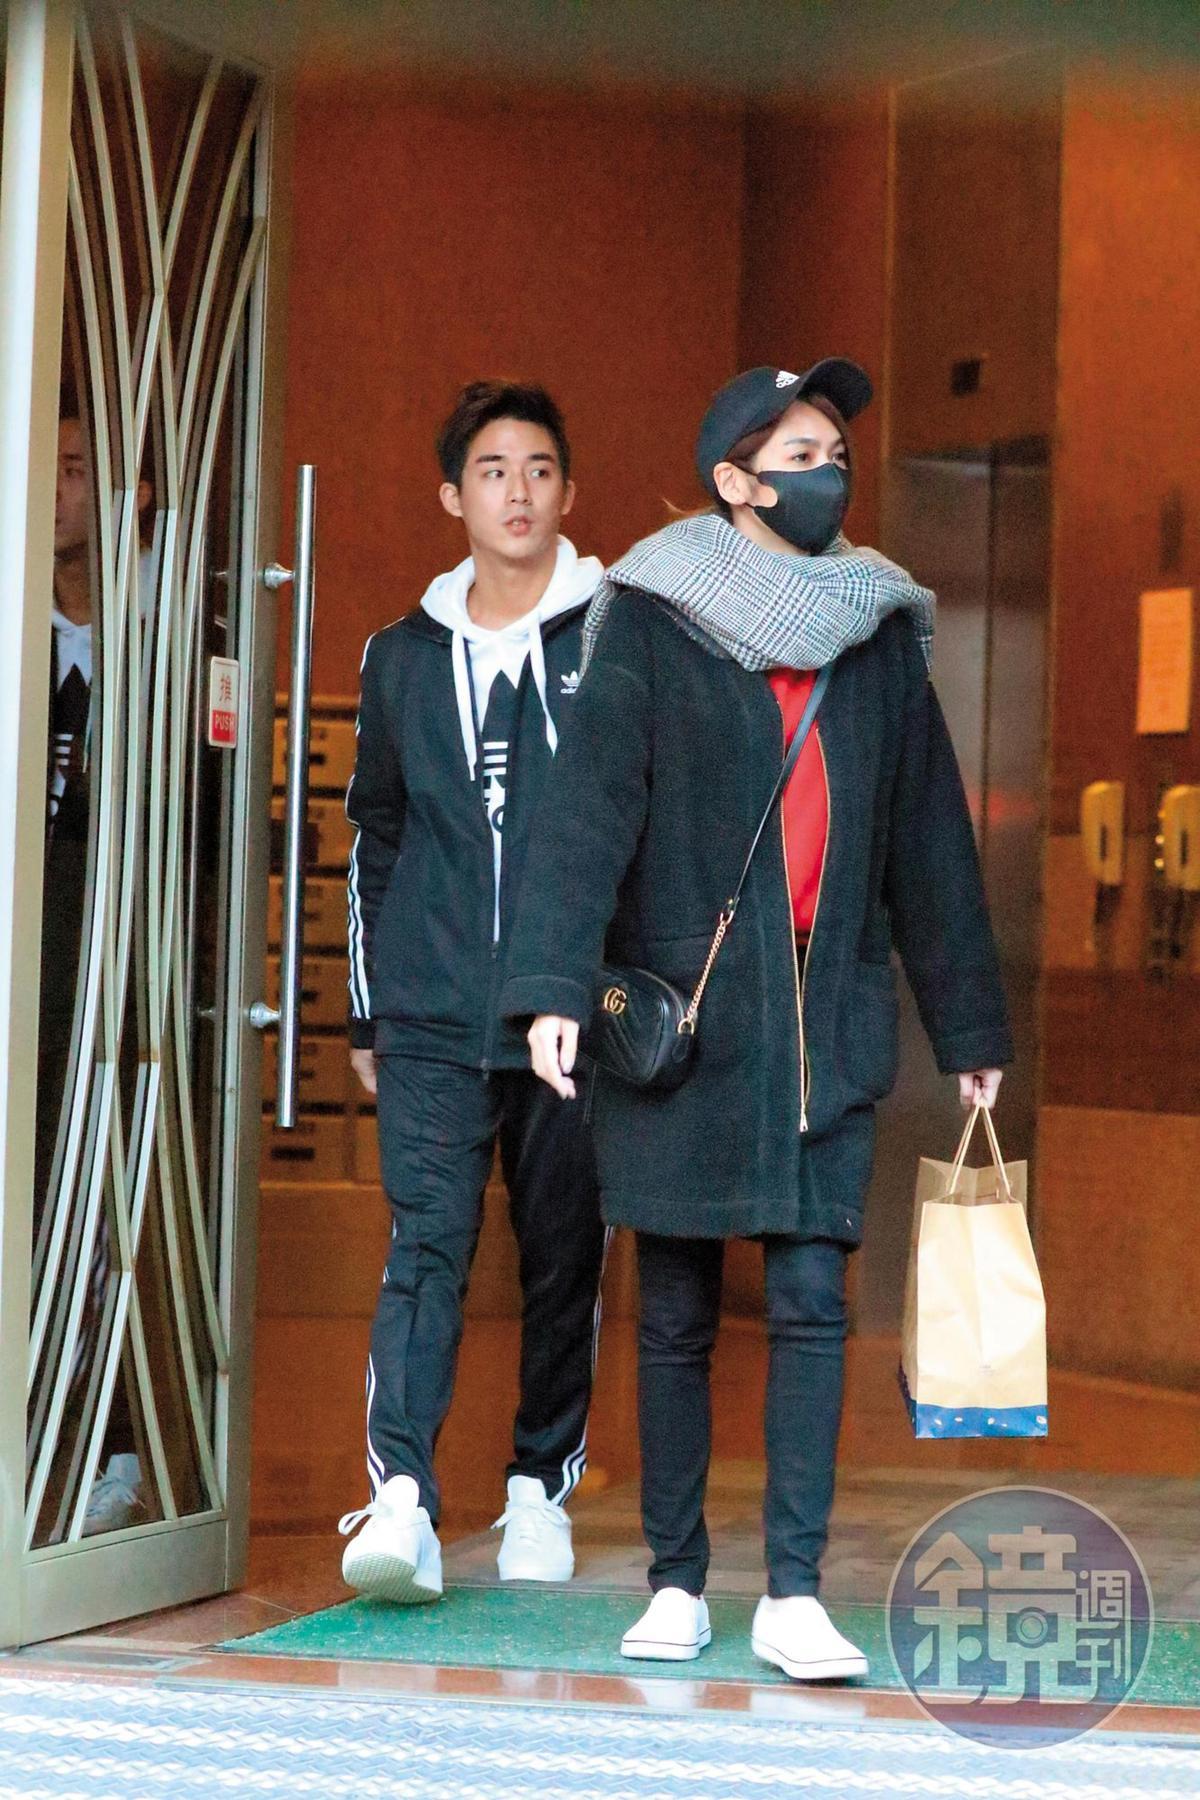 16:49 安苡愛送午餐到李博翔(左)家後,兩人又一同從李家離開。